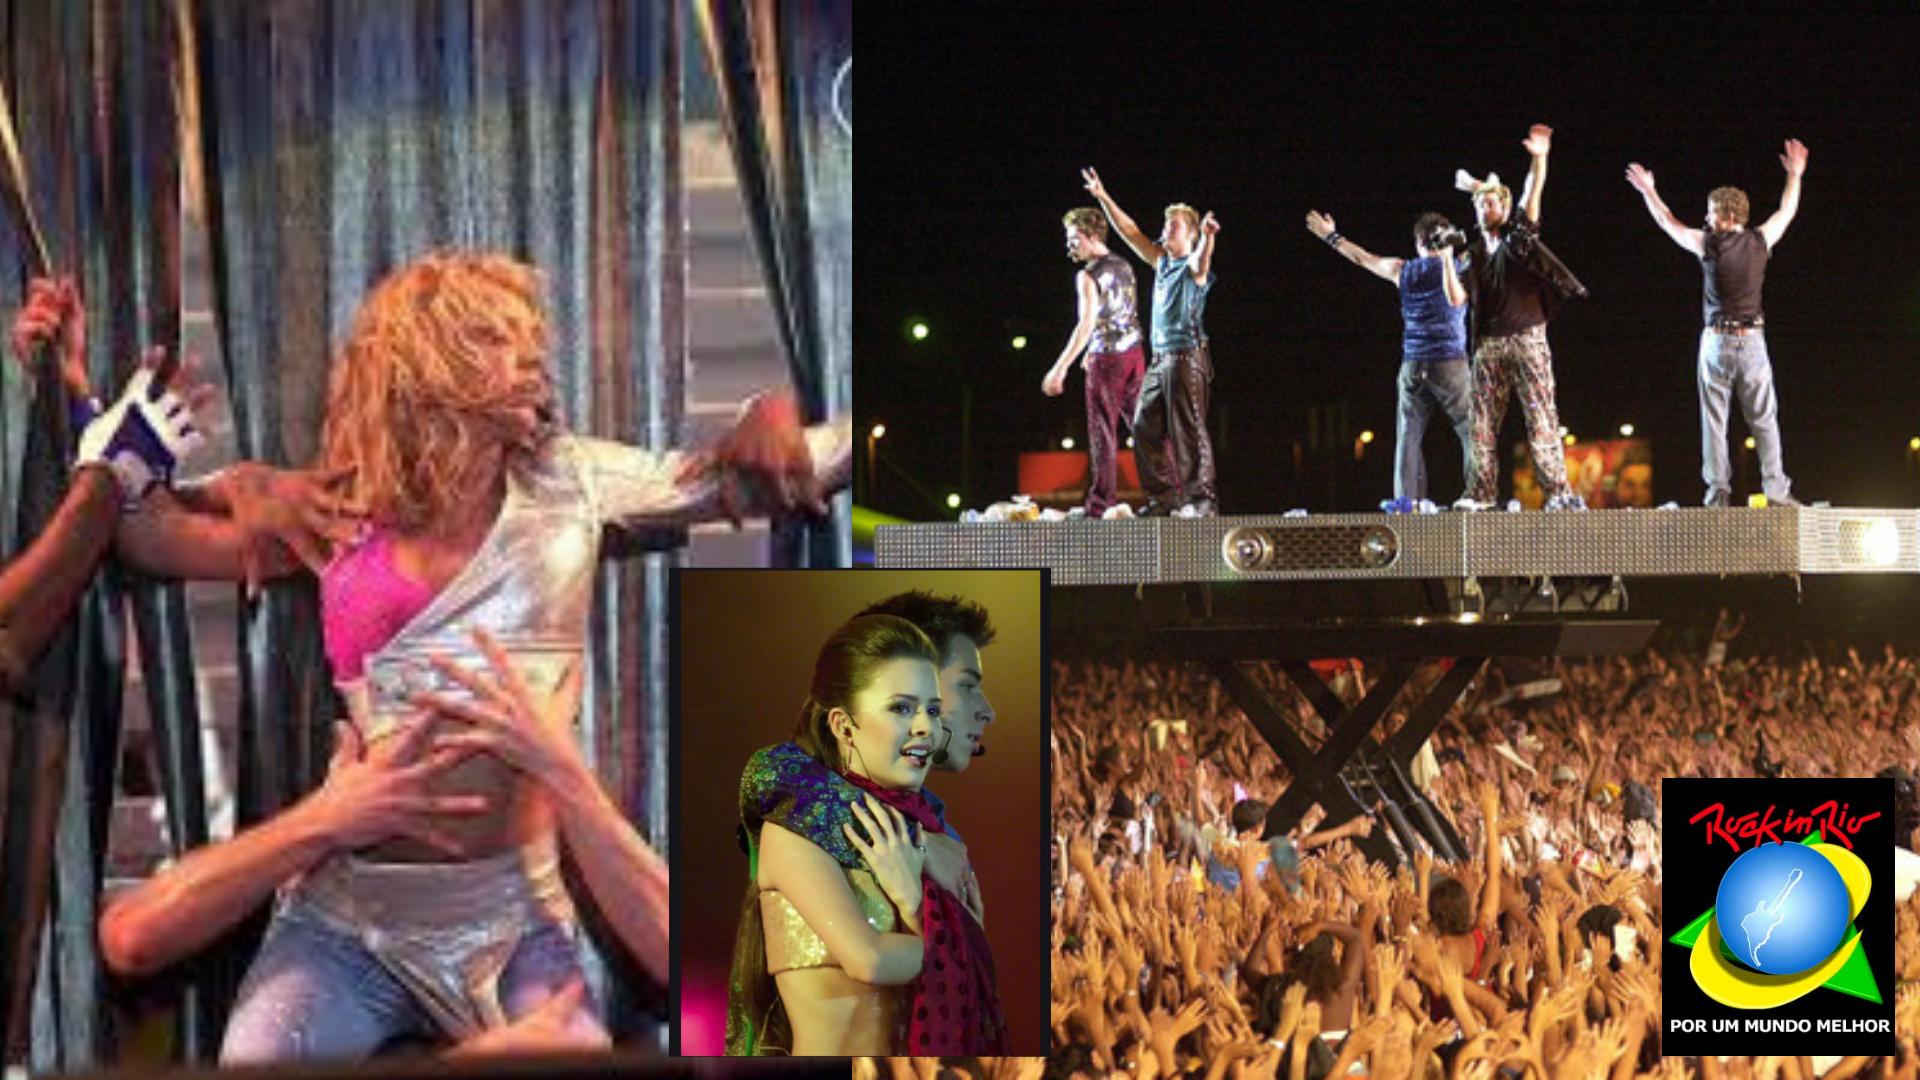 20 anos da estréia do Dia do POP no Rock in Rio